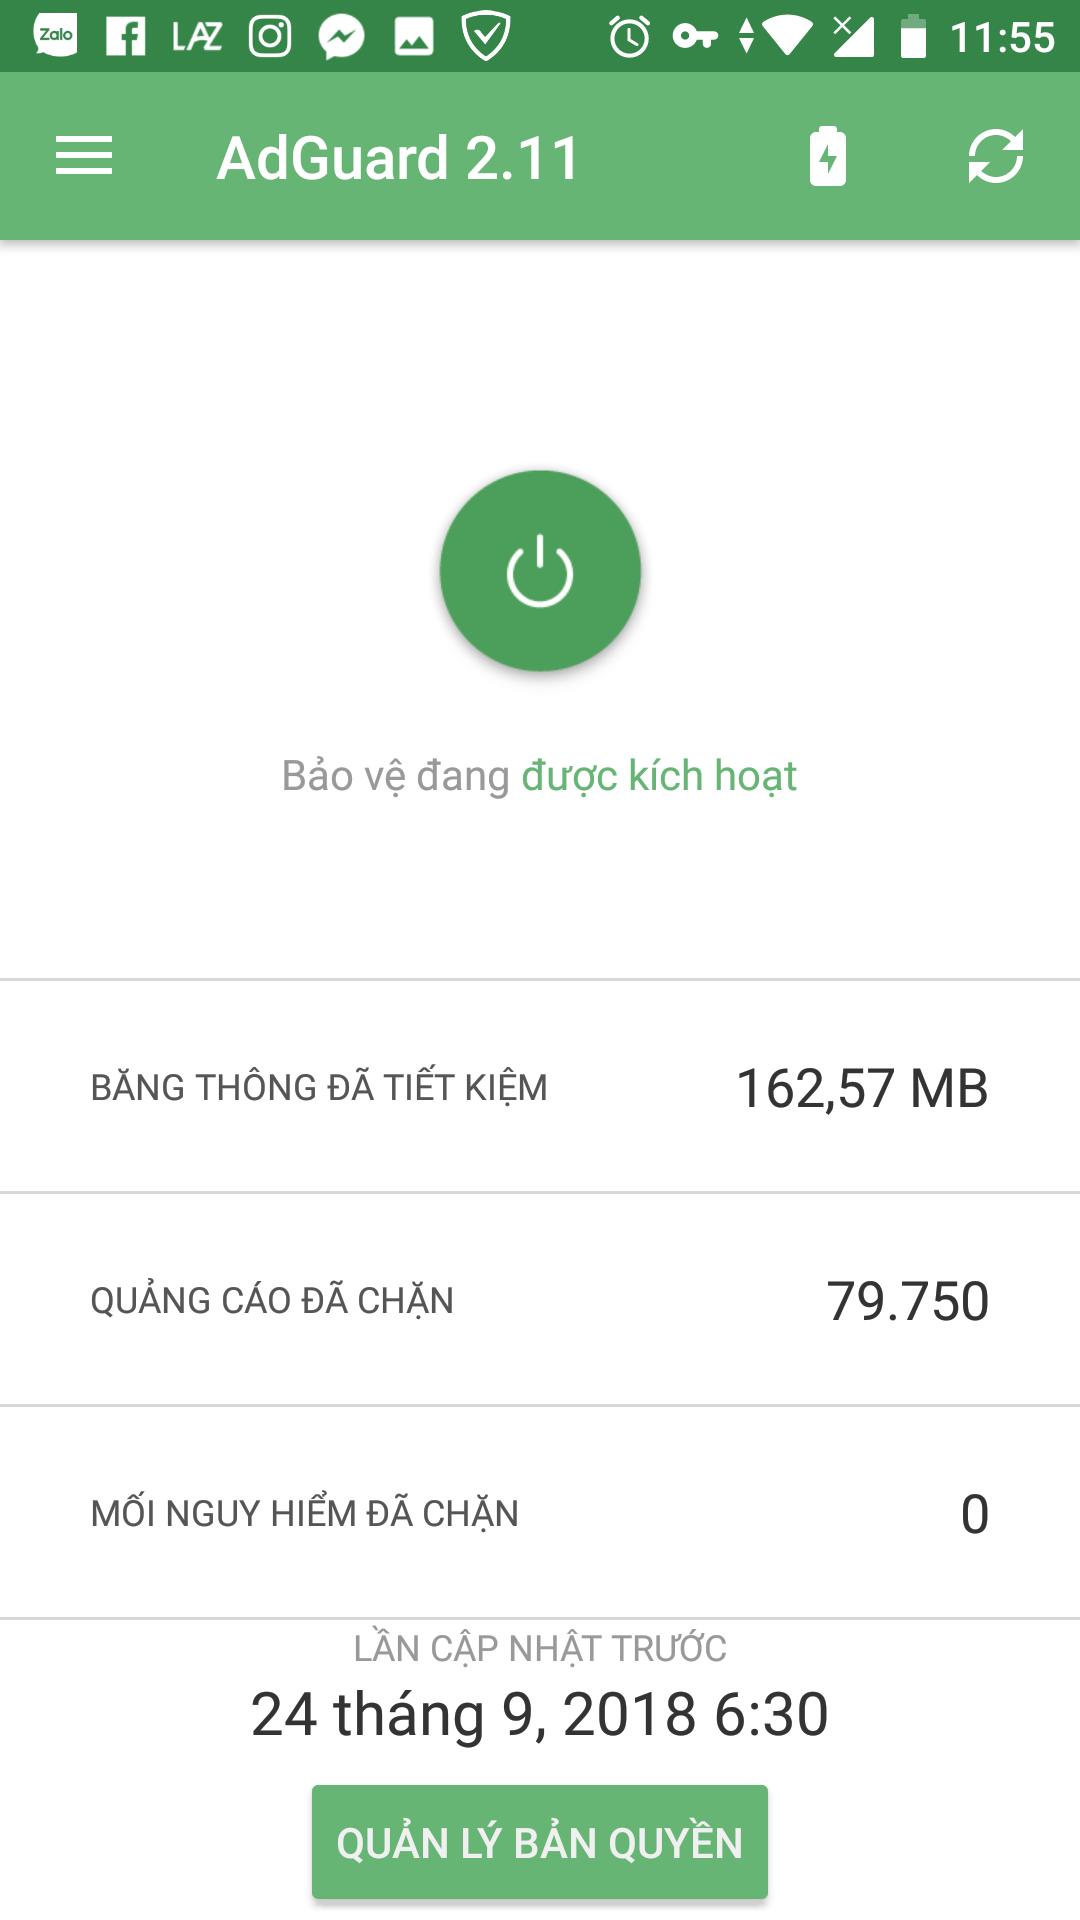 Hướng dẫn chặn quảng cáo trên các ứng dụng Android với Adguard 7